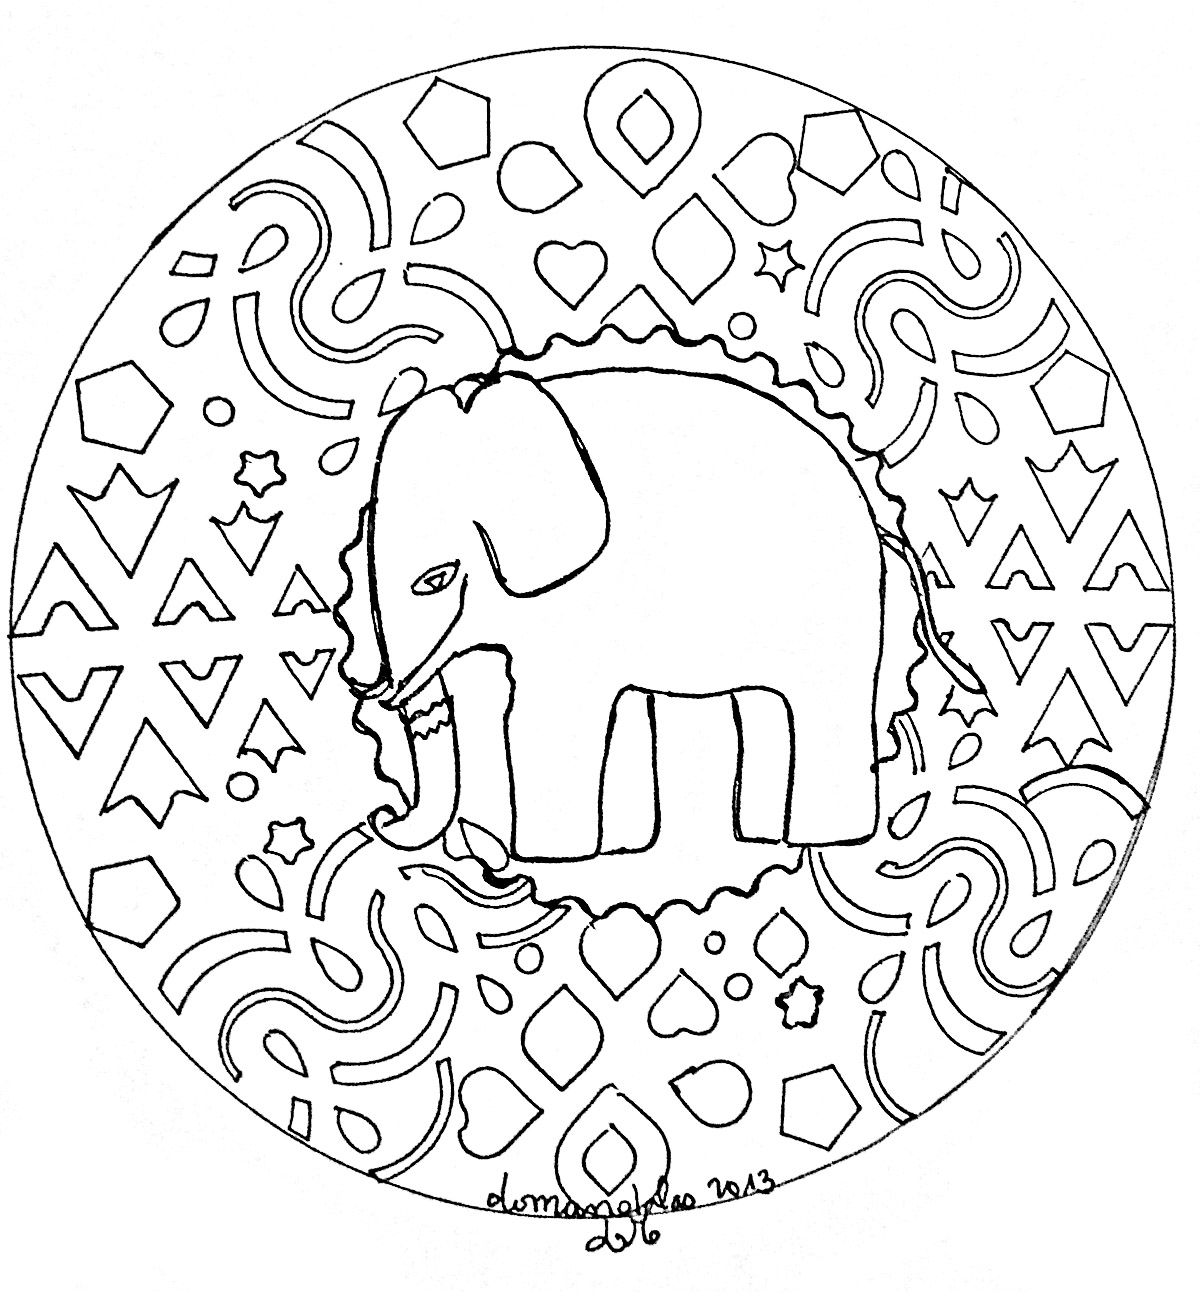 Disegni da colorare per adulti : Mandalas - 178